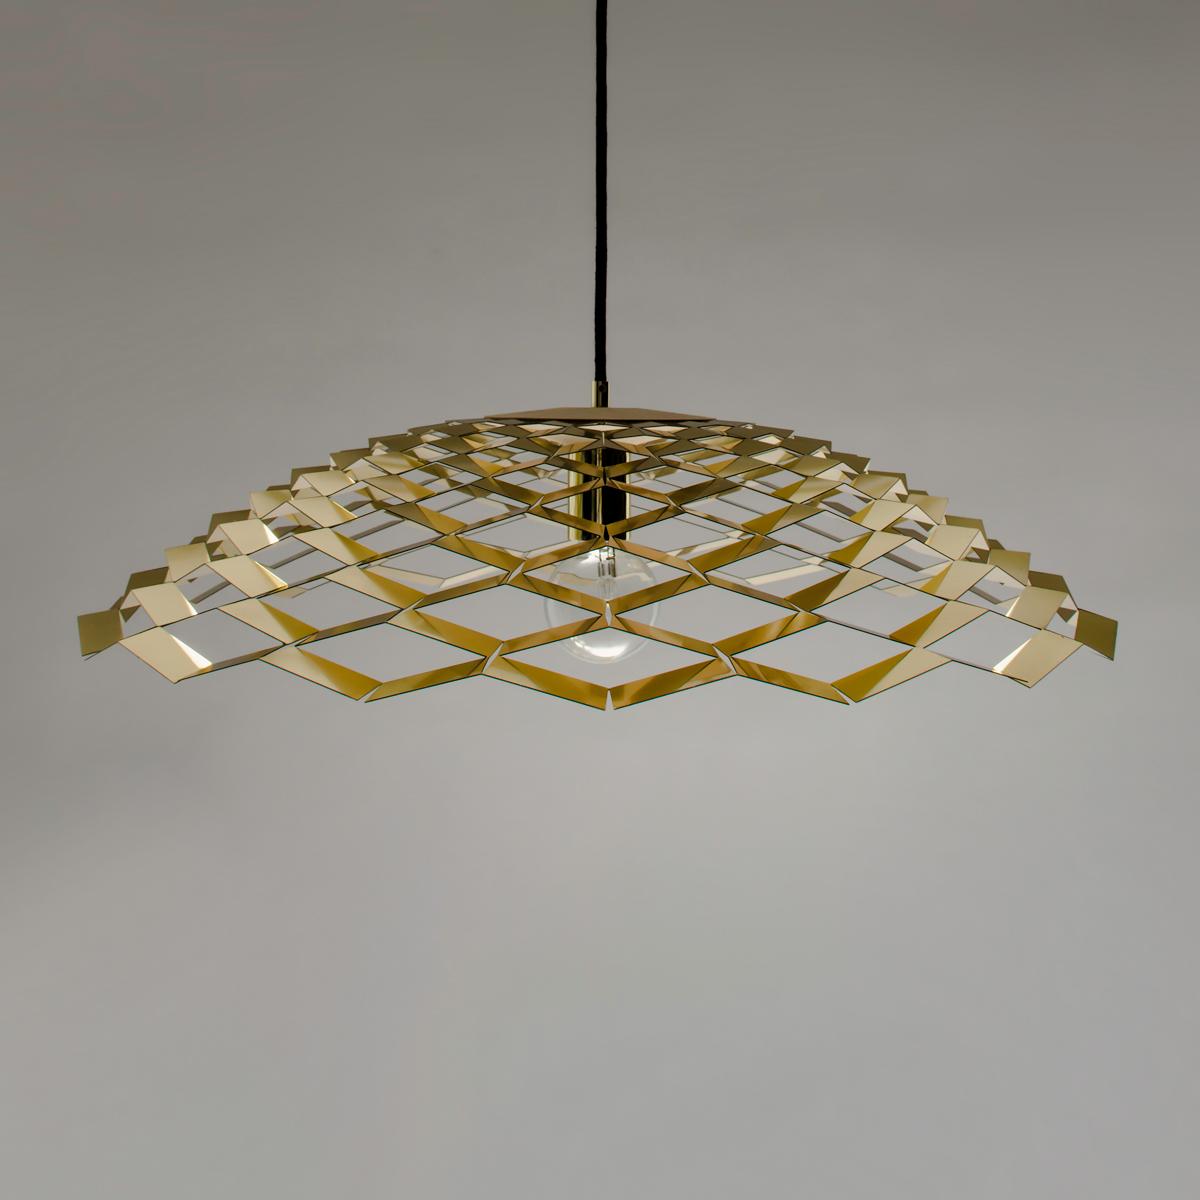 Tom-Wünschmann-Refraction-Lamp